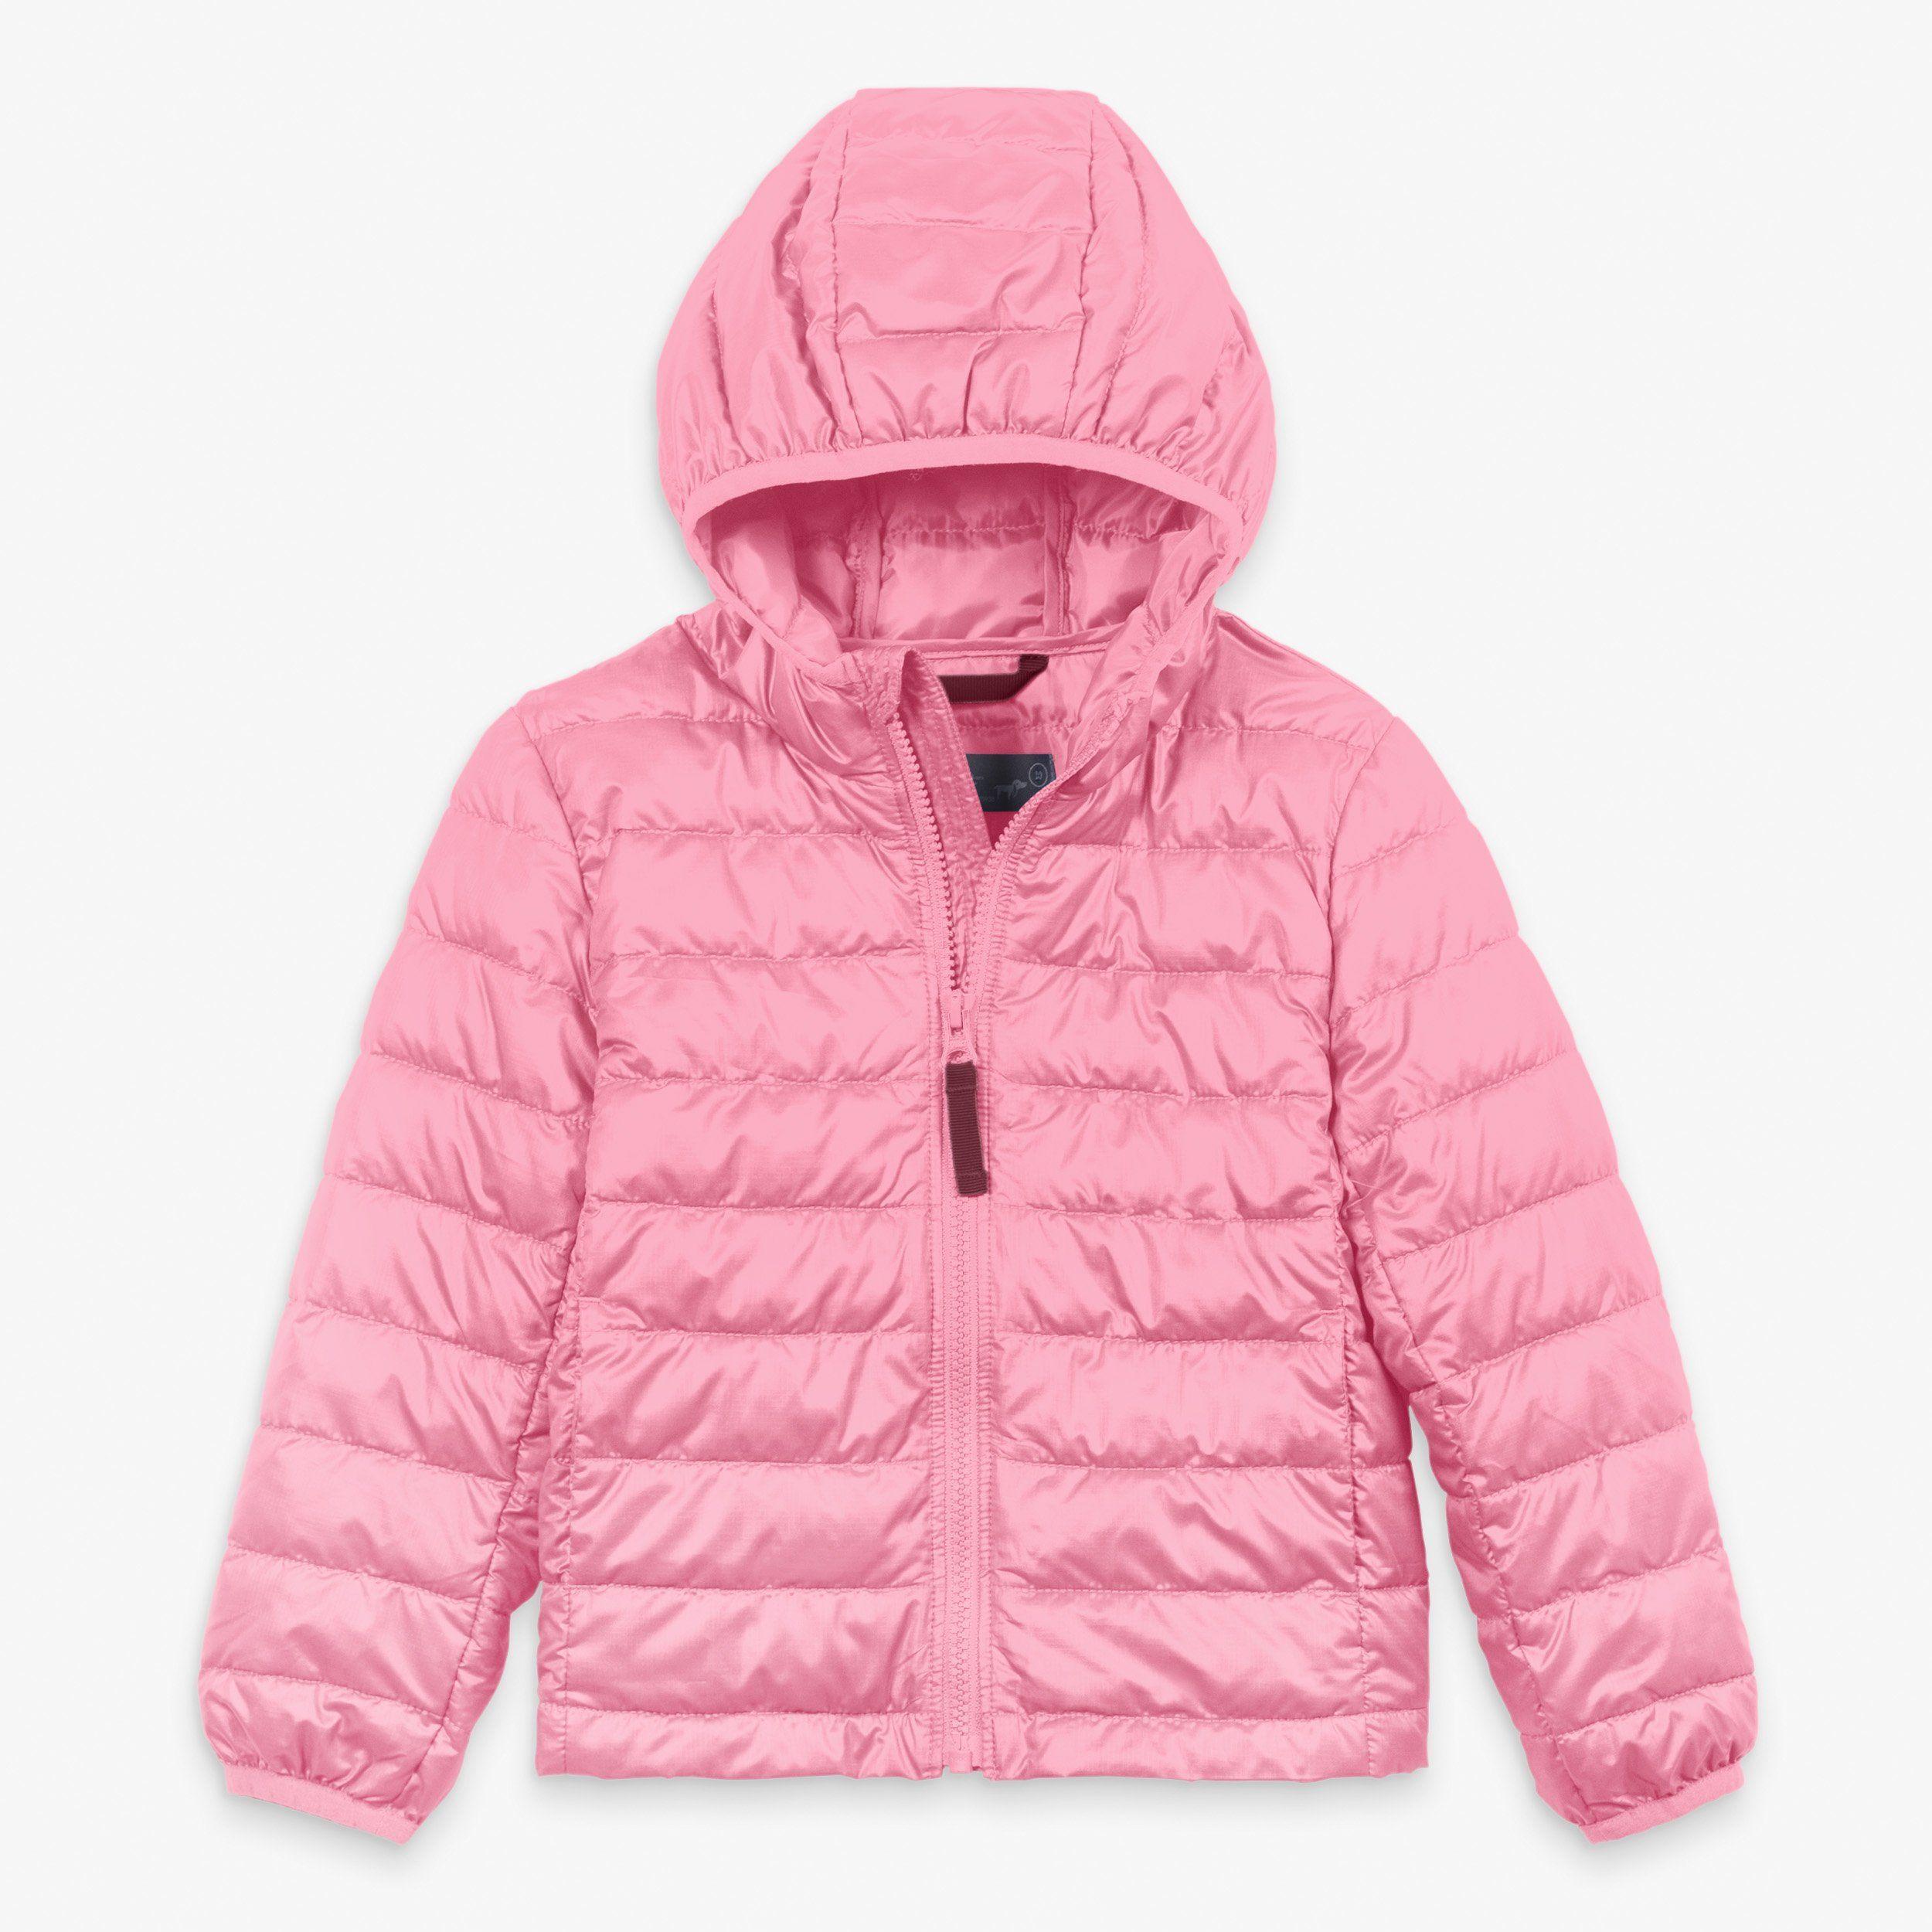 Lightweight Puffer Jacket Jackets Kids Fall Jackets Puffer Jackets [ 2500 x 2500 Pixel ]